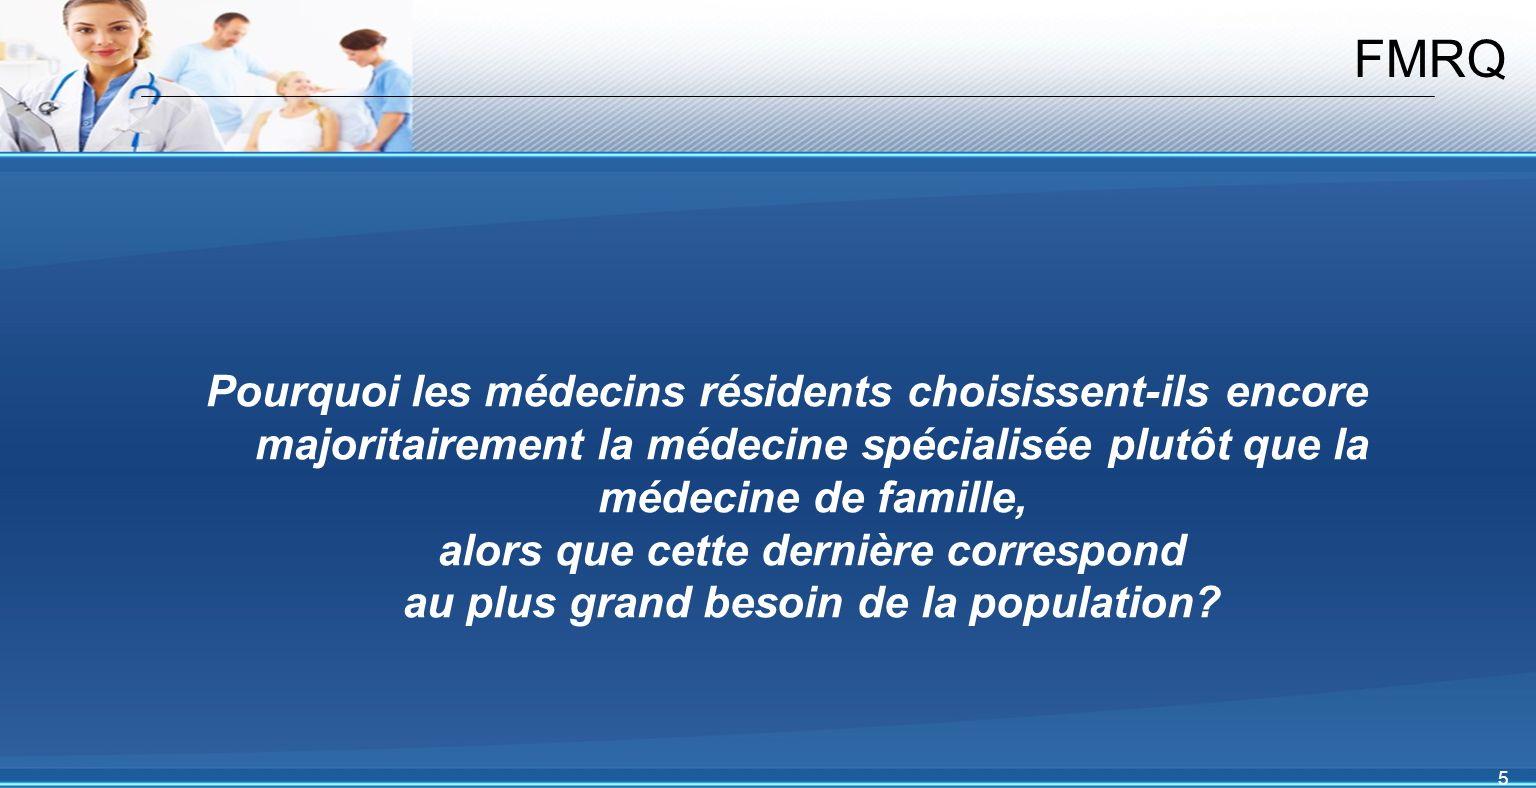 5 FMRQ Pourquoi les médecins résidents choisissent-ils encore majoritairement la médecine spécialisée plutôt que la médecine de famille, alors que cette dernière correspond au plus grand besoin de la population?